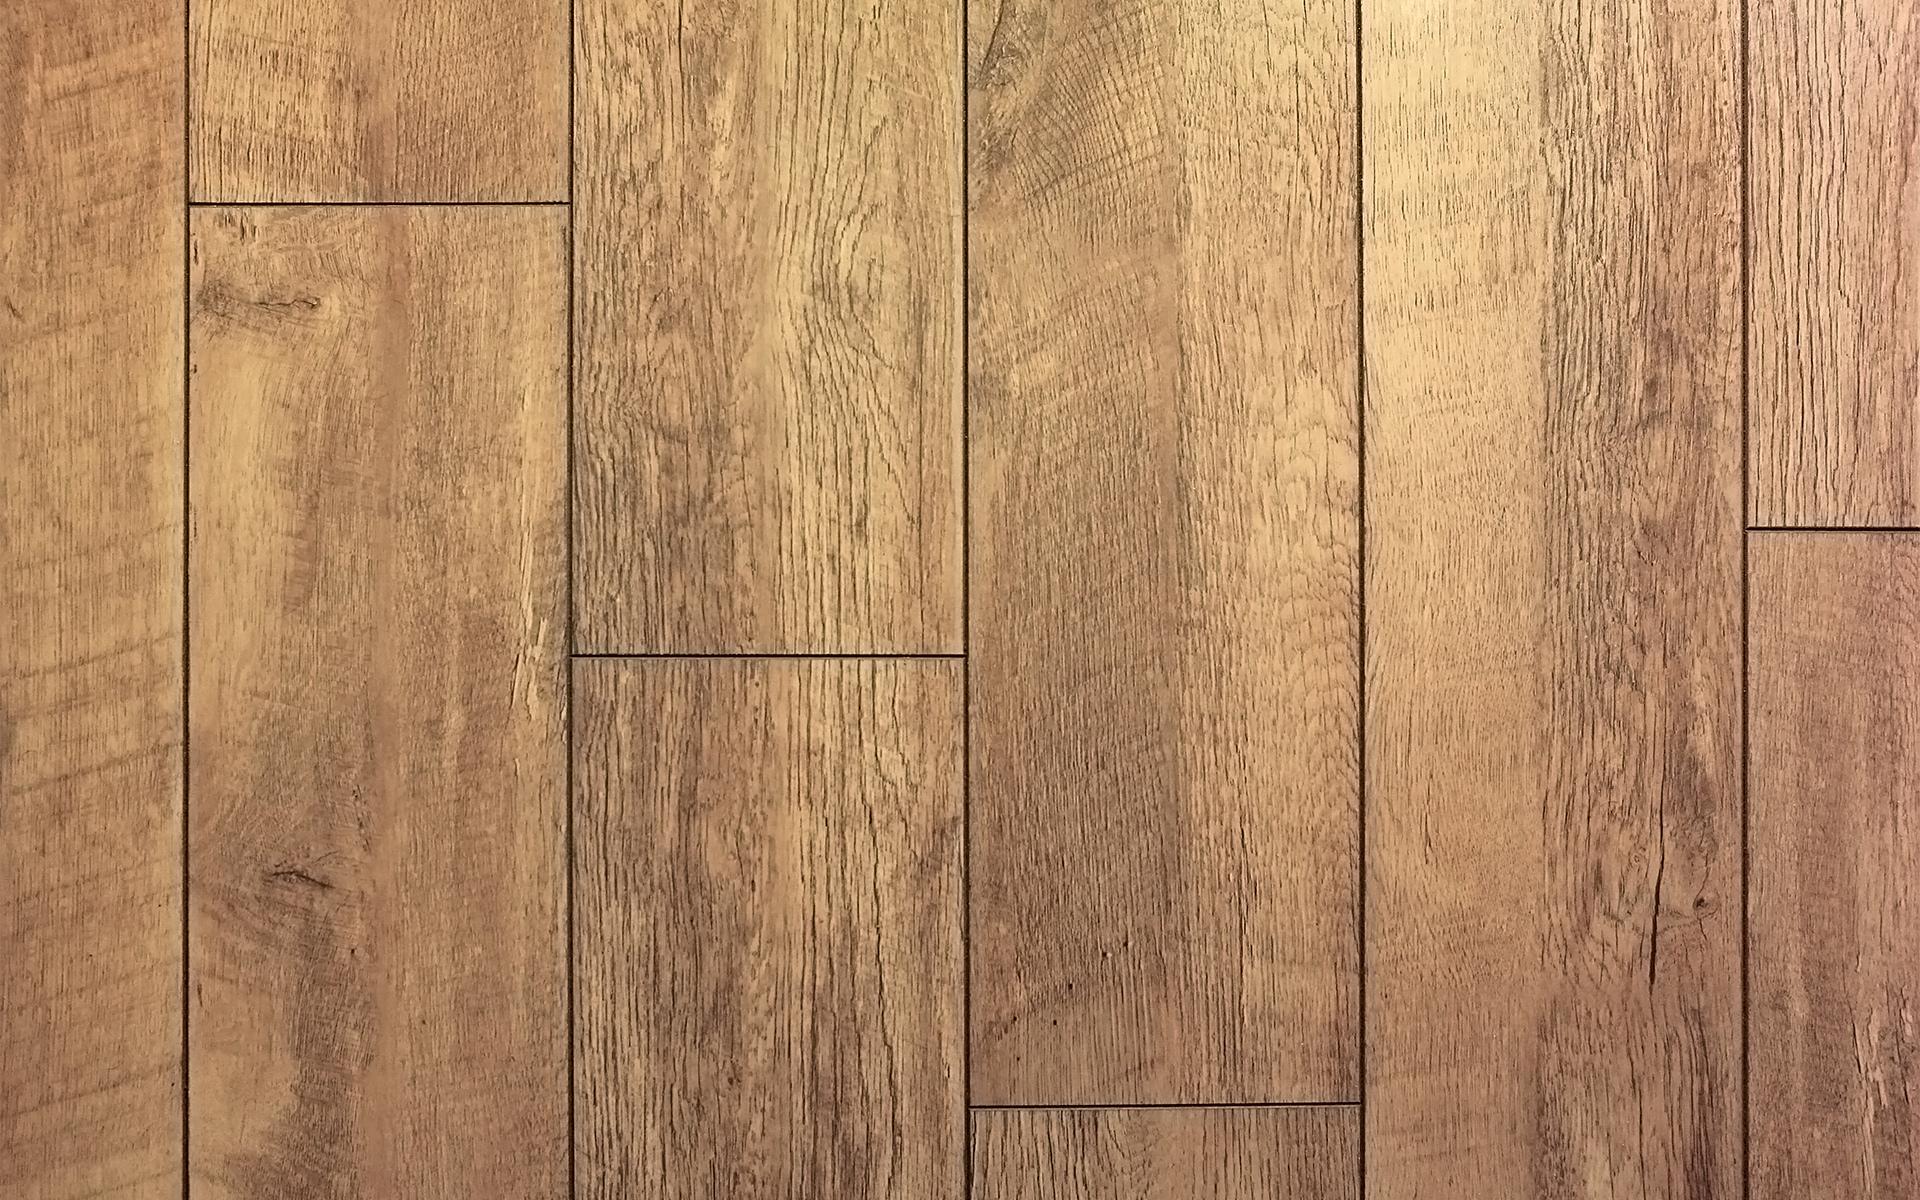 2 Panel Wood Interior Doors